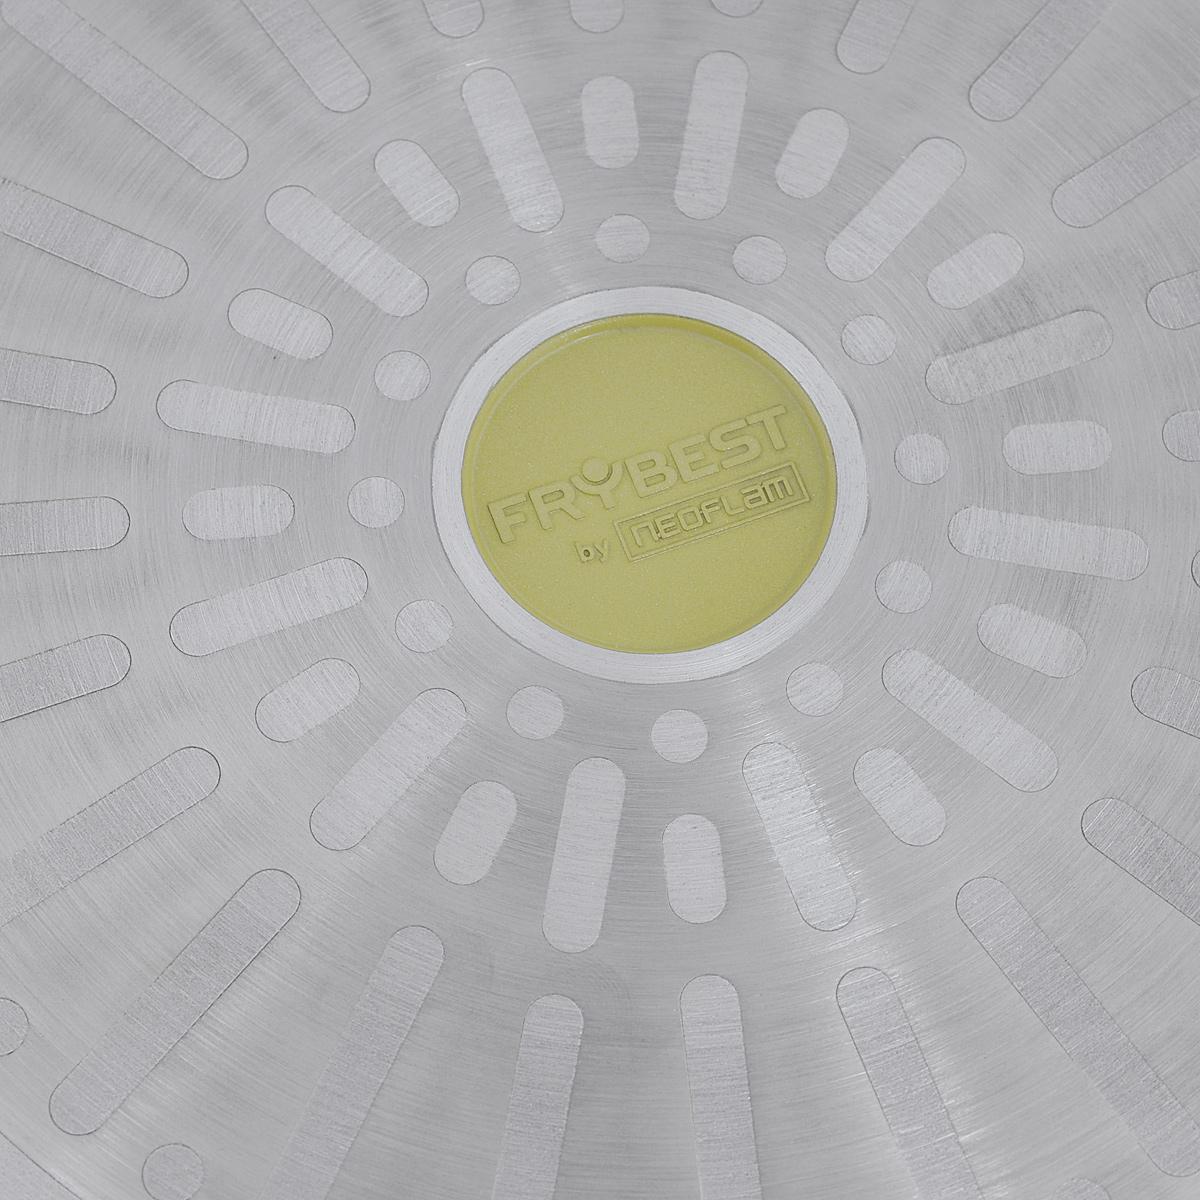 """Блинная сковорода Frybest """"Oliva"""" изготовлена из алюминия с керамическим   покрытием Ecolon Superior. Такое покрытие - новейший продукт нанотехнологий,   в производстве которого используются природные материалы (камень и песок).   Изделие оснащено удобной бакелитовой ручкой. Сковорода с очень низкими   бортиками предназначена для приготовления блинов и оладьев. Особая форма   бортиков позволяет легко перевернуть блюдо и облегчает сервировку.Можно использовать на газовых, электрических, стеклокерамических,   индукционных плитах. Можно мыть в посудомоечной машине.Диаметр (по верхнему краю): 28 см.Высота: 1,7 см.Длина ручки: 16,5 см.Толщина стенки: 4 мм.Толщина дна: 5 мм.    Простой рецепт блинов на Масленицу – статья на OZON Гид."""